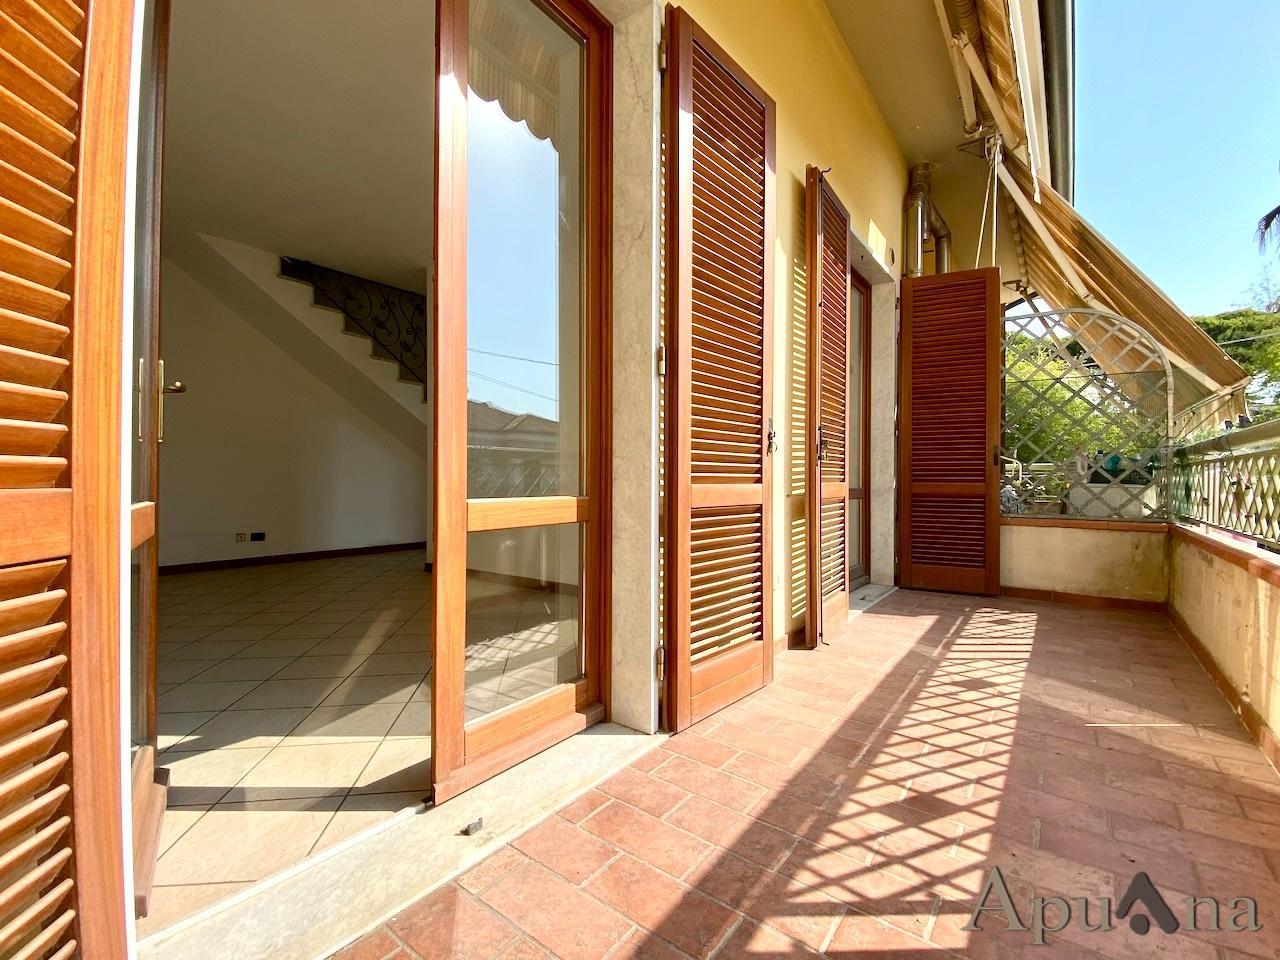 Appartamento in vendita, rif. MLS-019